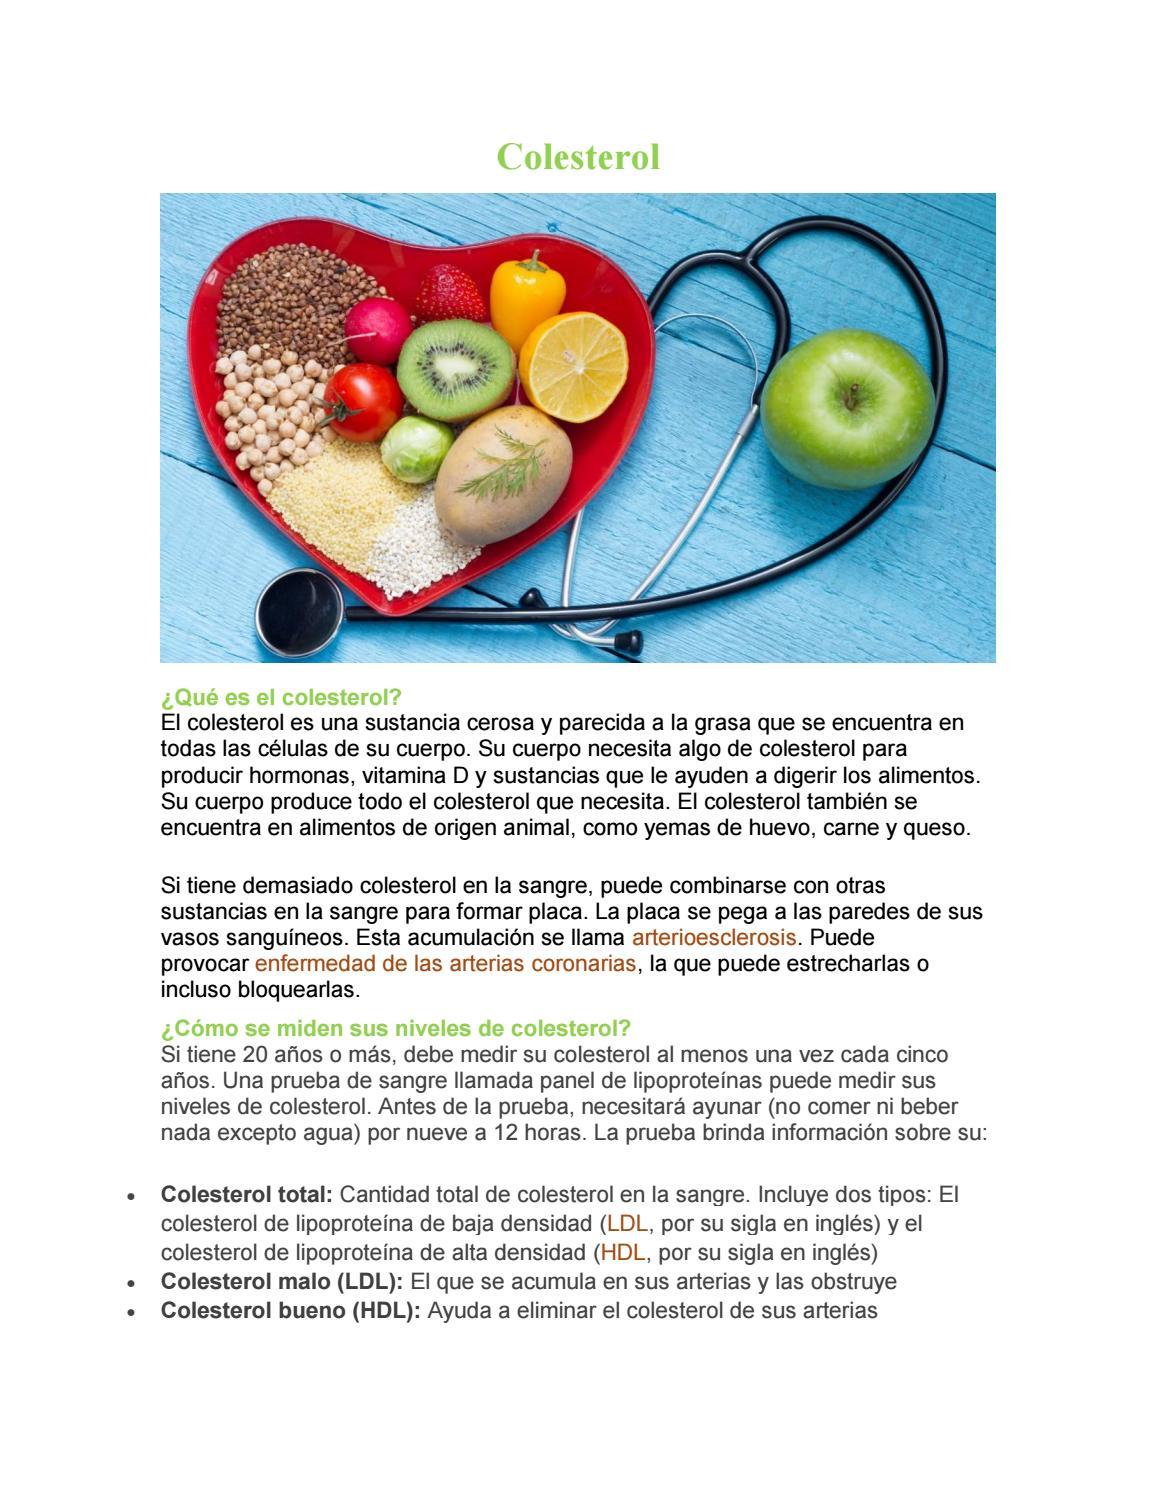 Colesterol cual es siglas el bueno